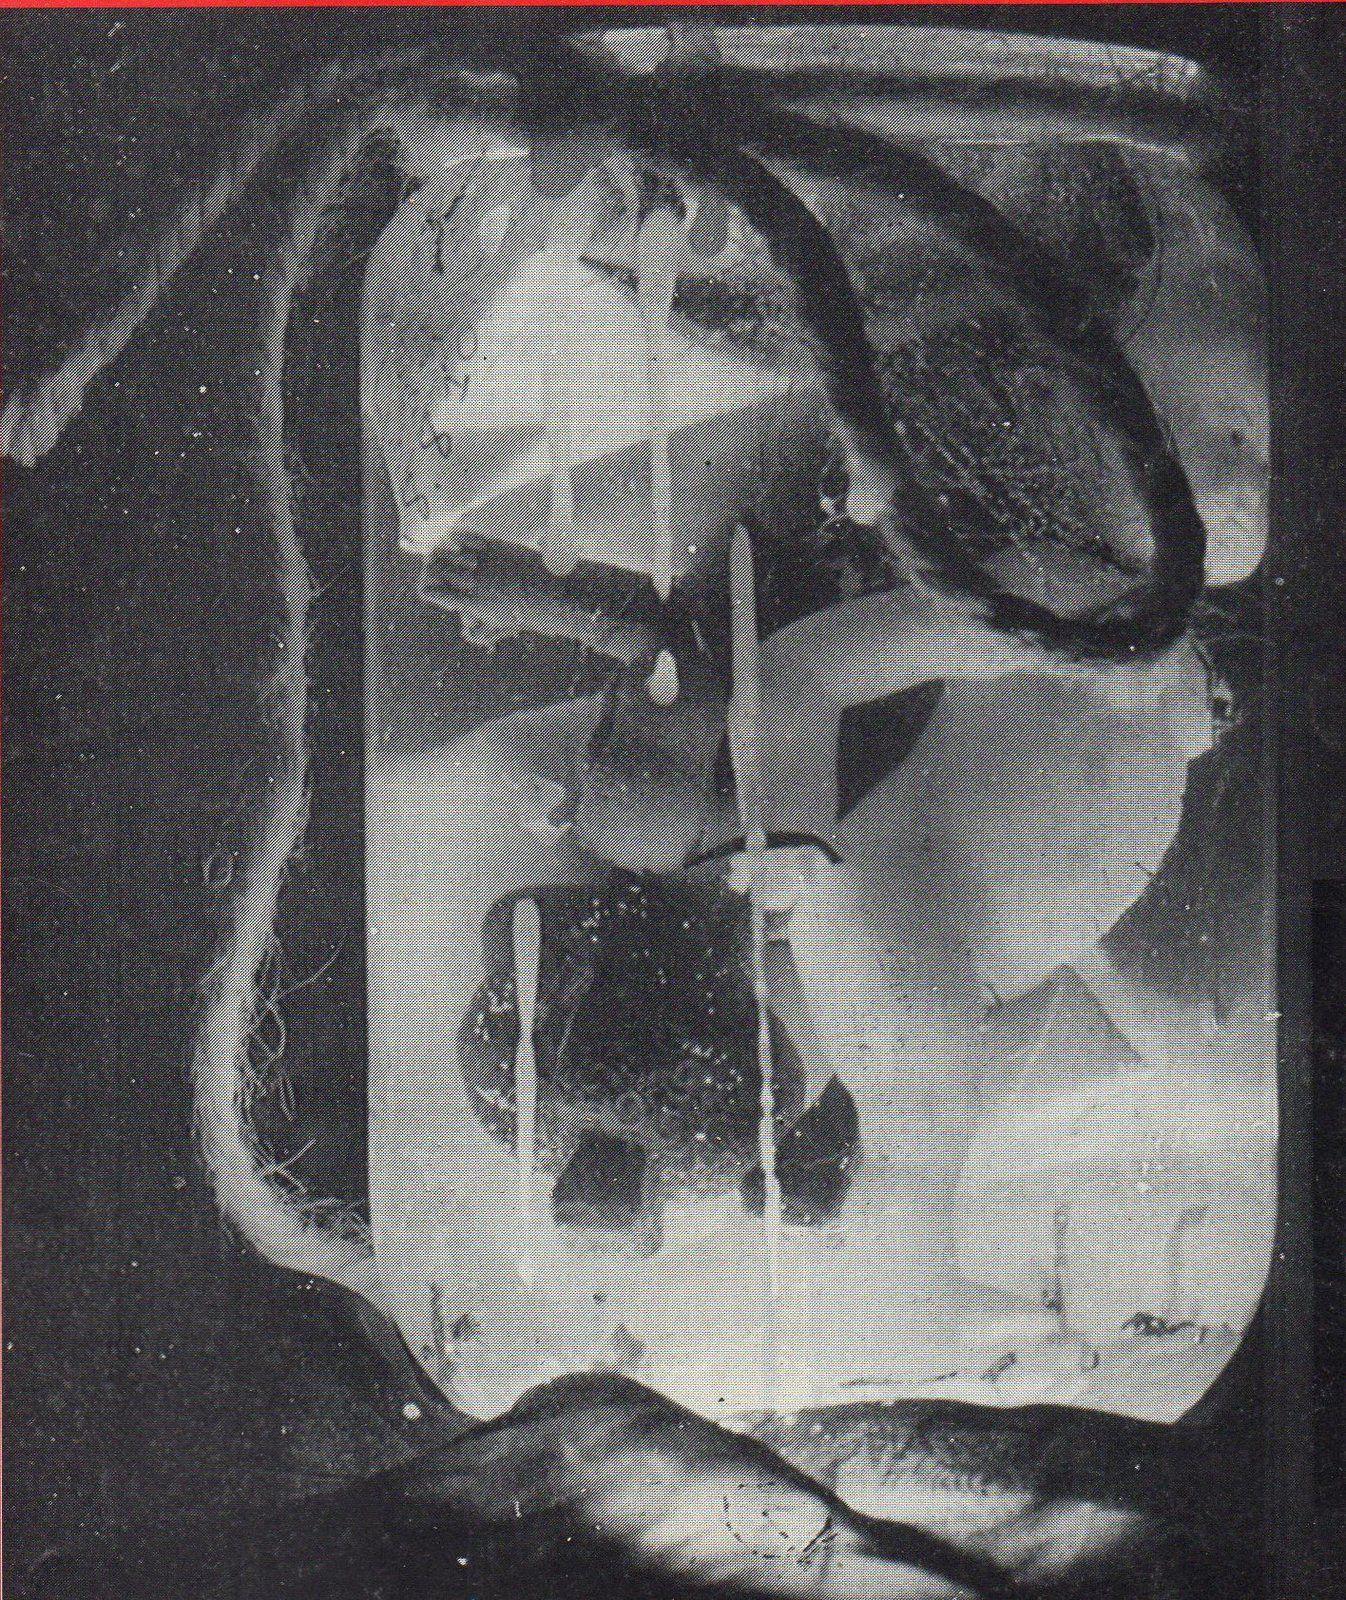 1 ) Magie en Guadeloupe. Photo offerte en 1992 par Eddy Nedelkowski pour illustrer la couverture d'un n° du magazine Guadeloupe 2000. 3 ) Le Minotaure.